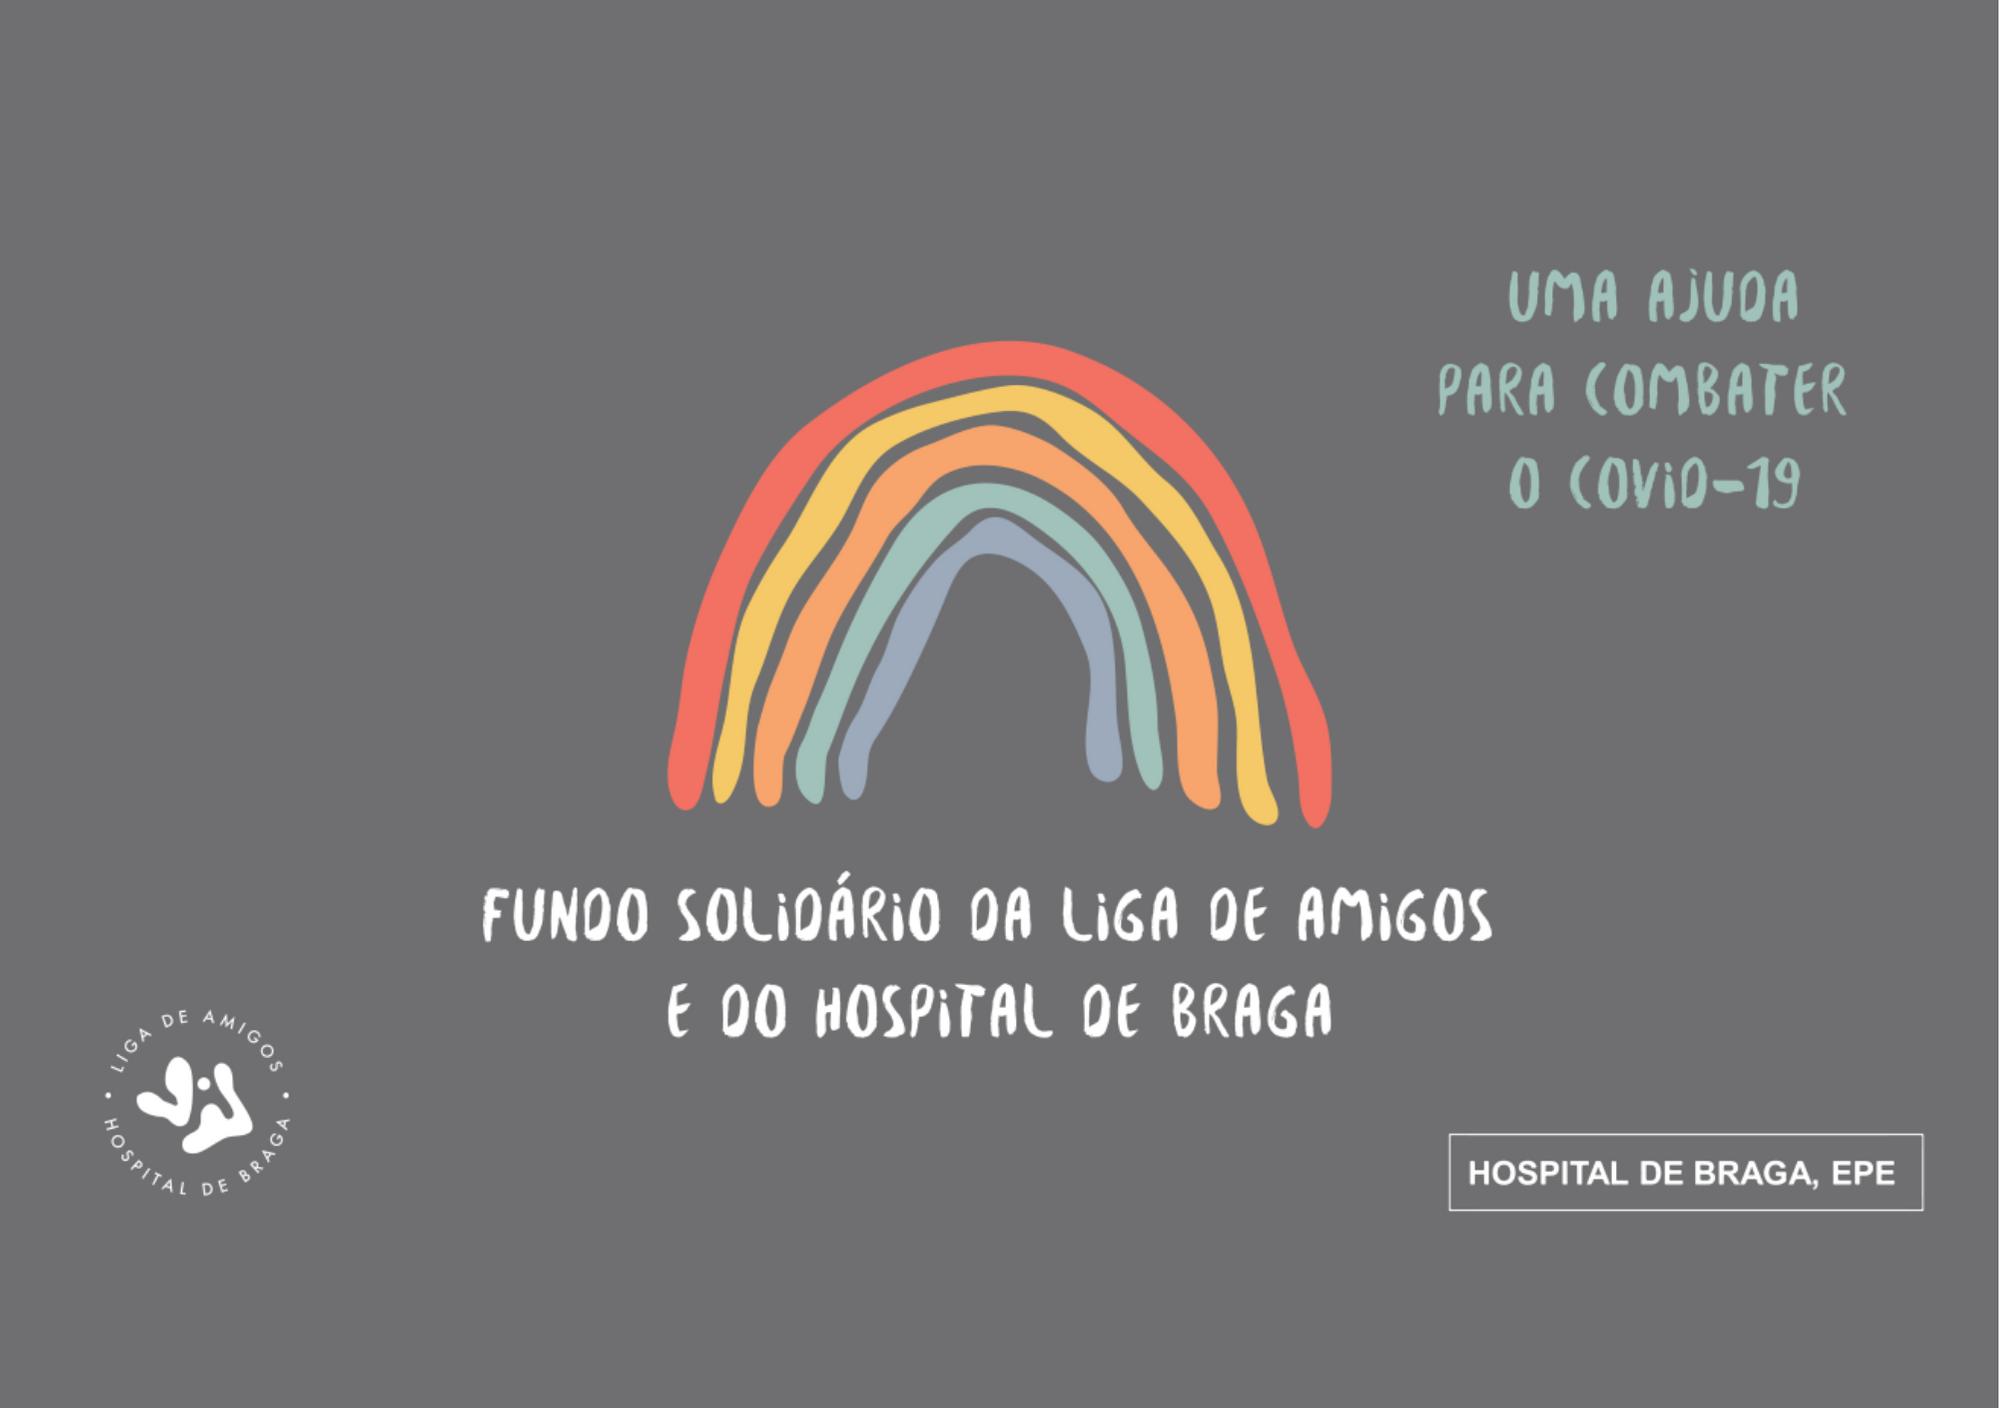 hospital-de-braga-Fundo solidário da Liga de Amigos reforça equipamento hospitalar de combate à COVID-19